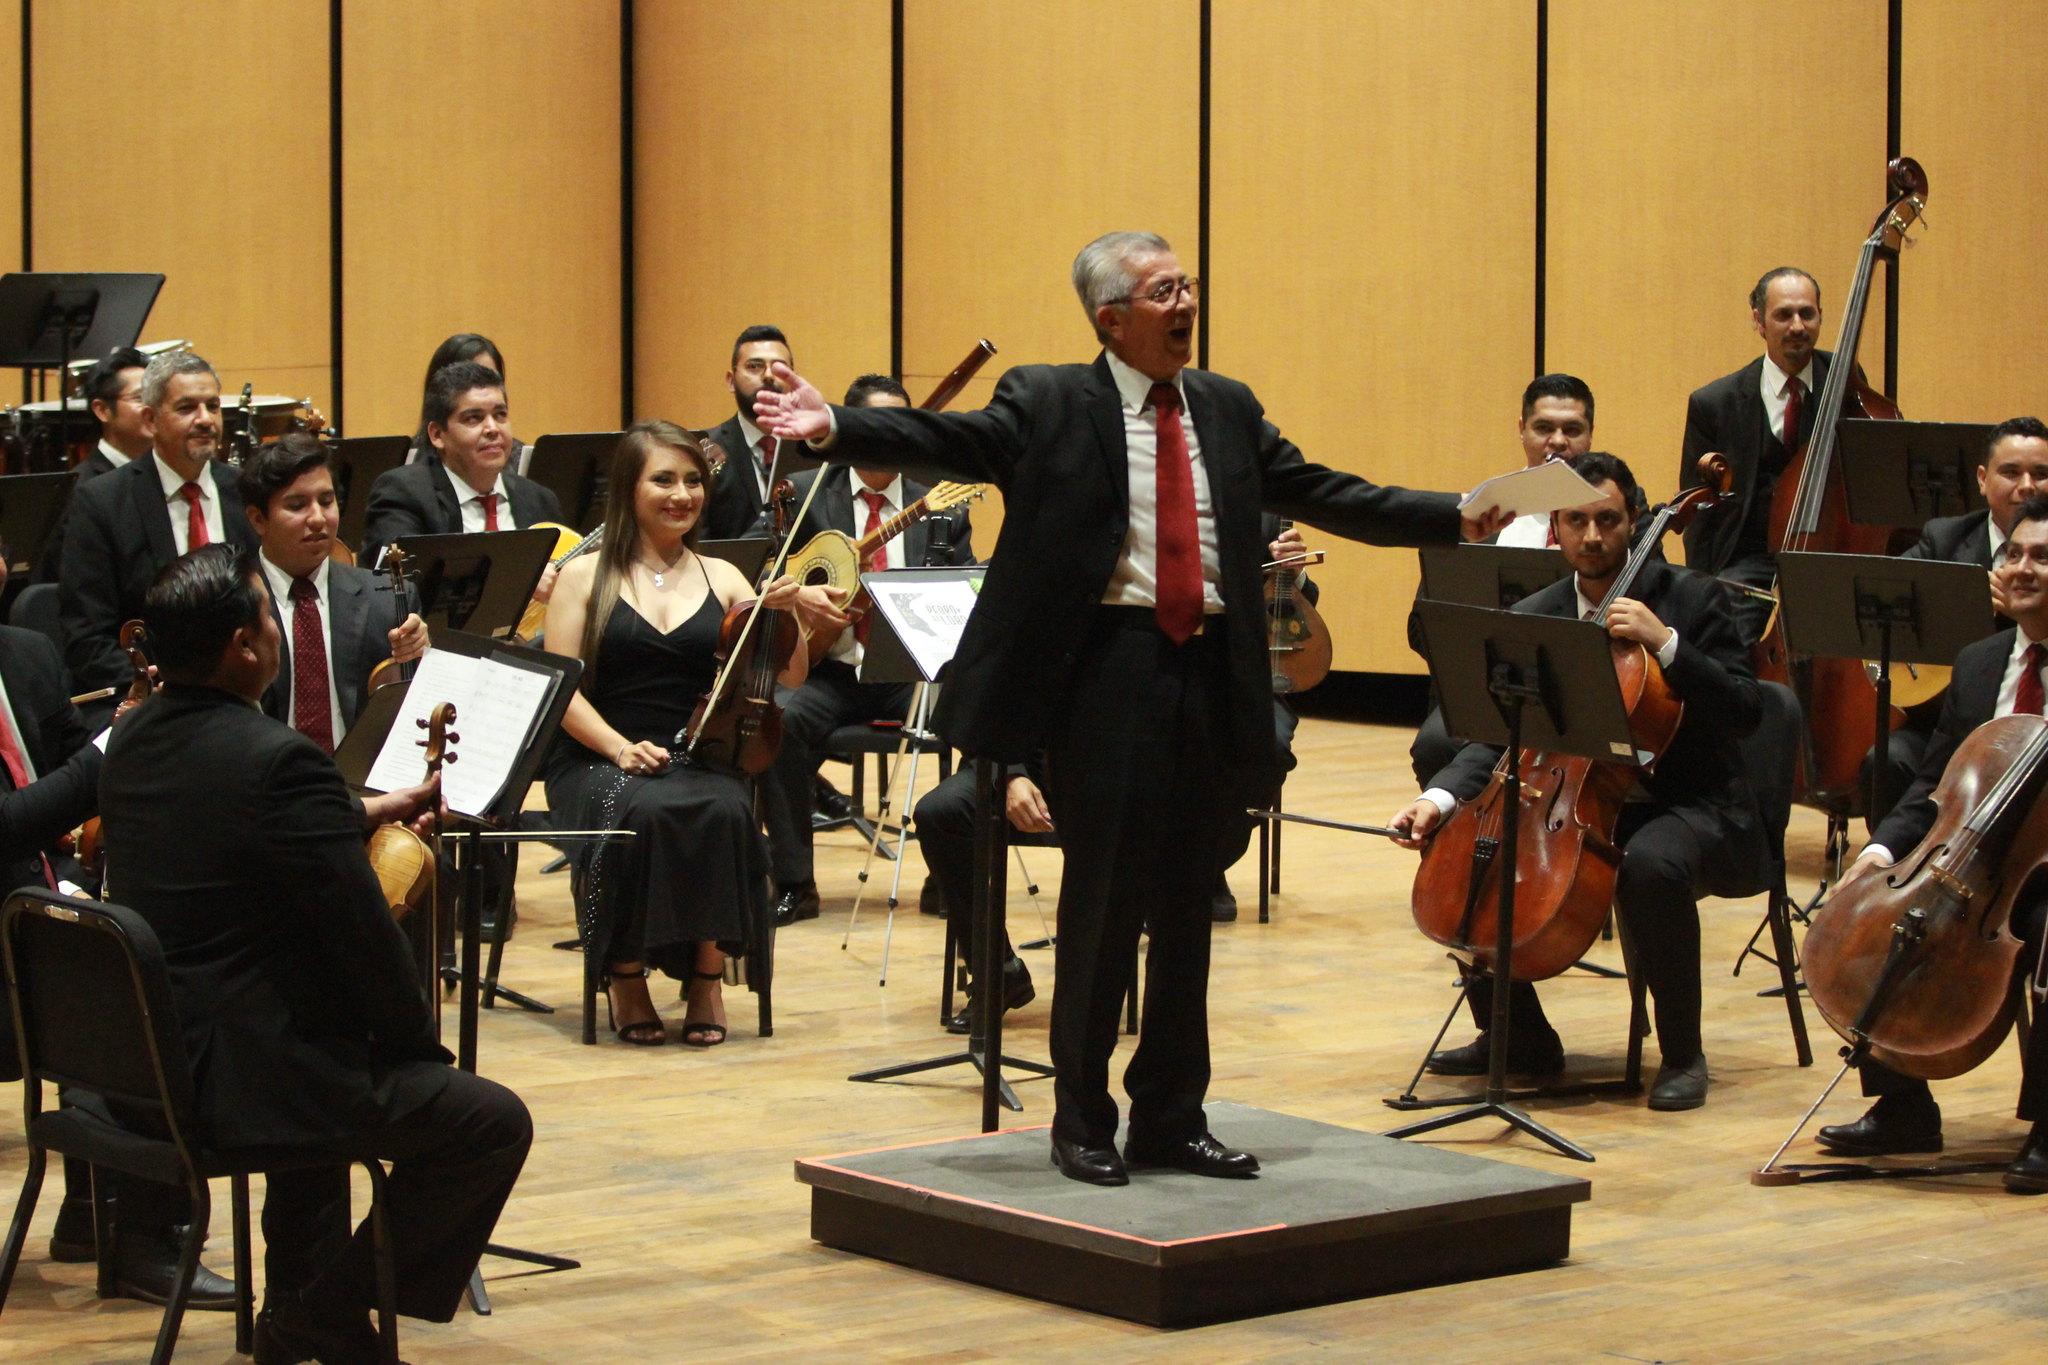 Celebra Orquesta Típica de Jalisco 40 años  con primera producción sonora y teatral